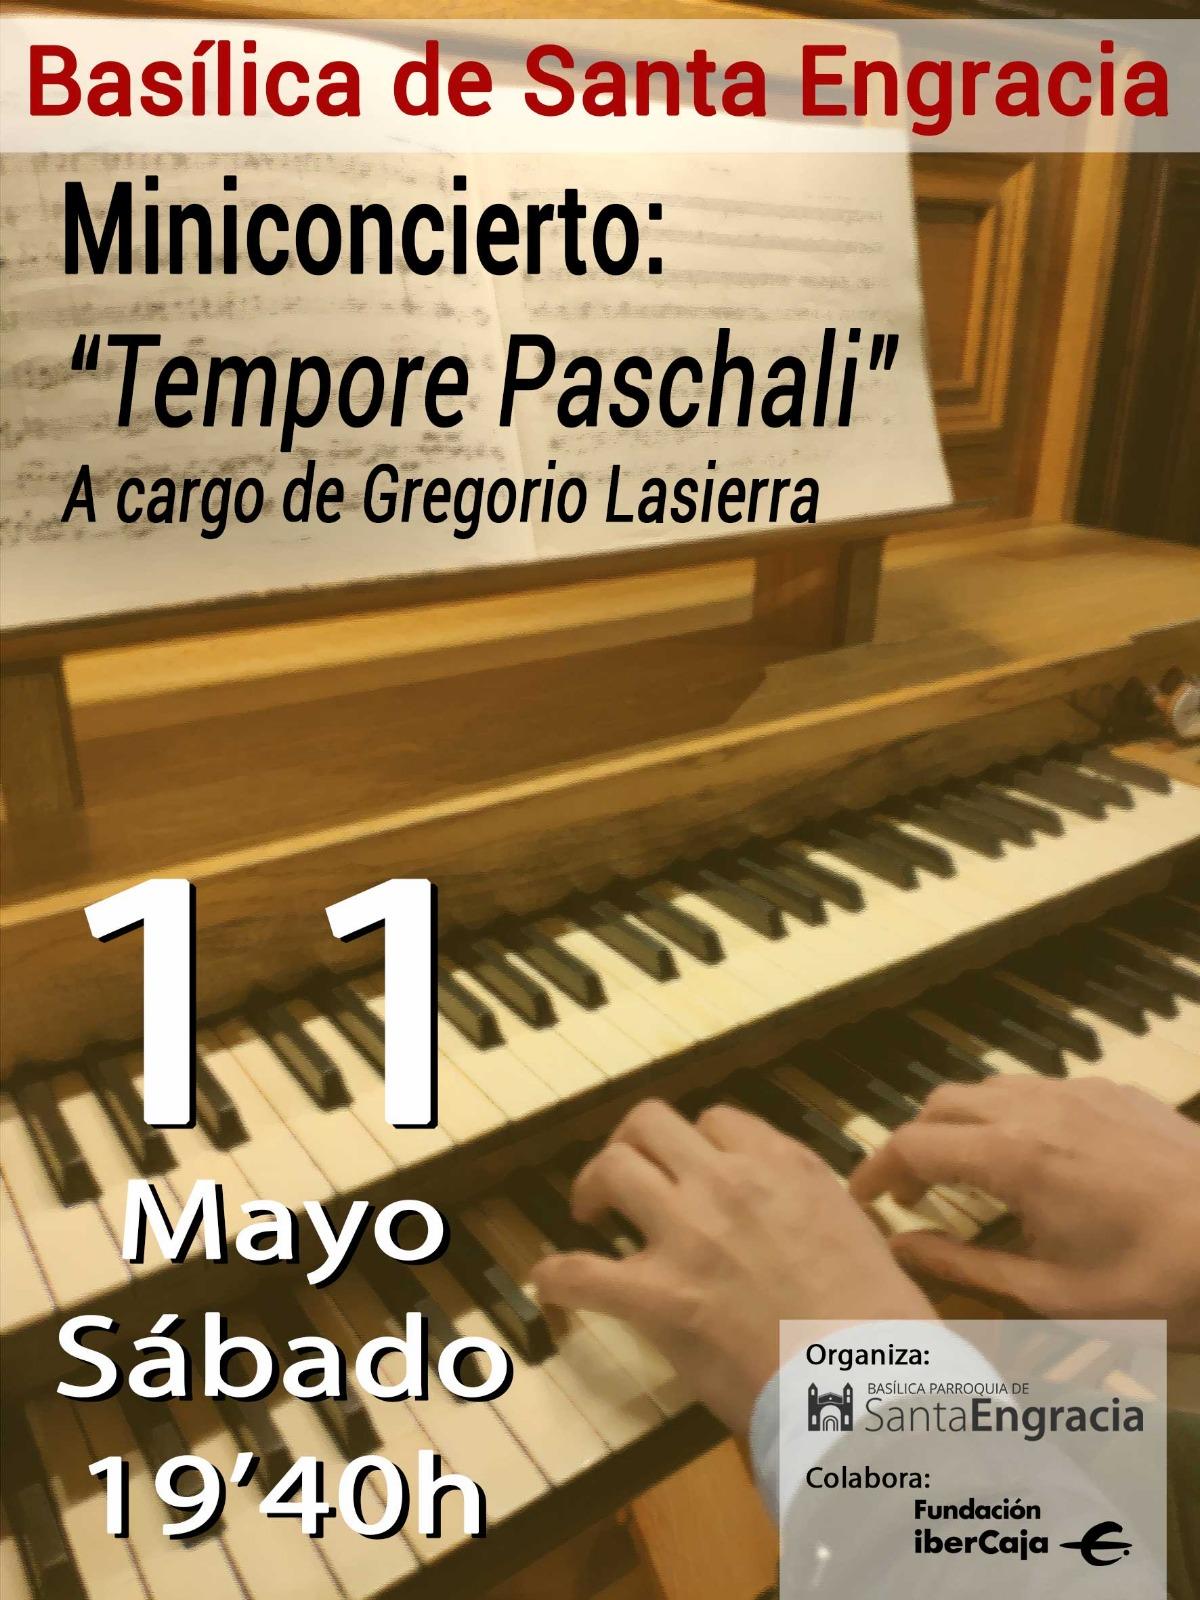 Hoy Miniconcierto de D. Gregorio Lasierra